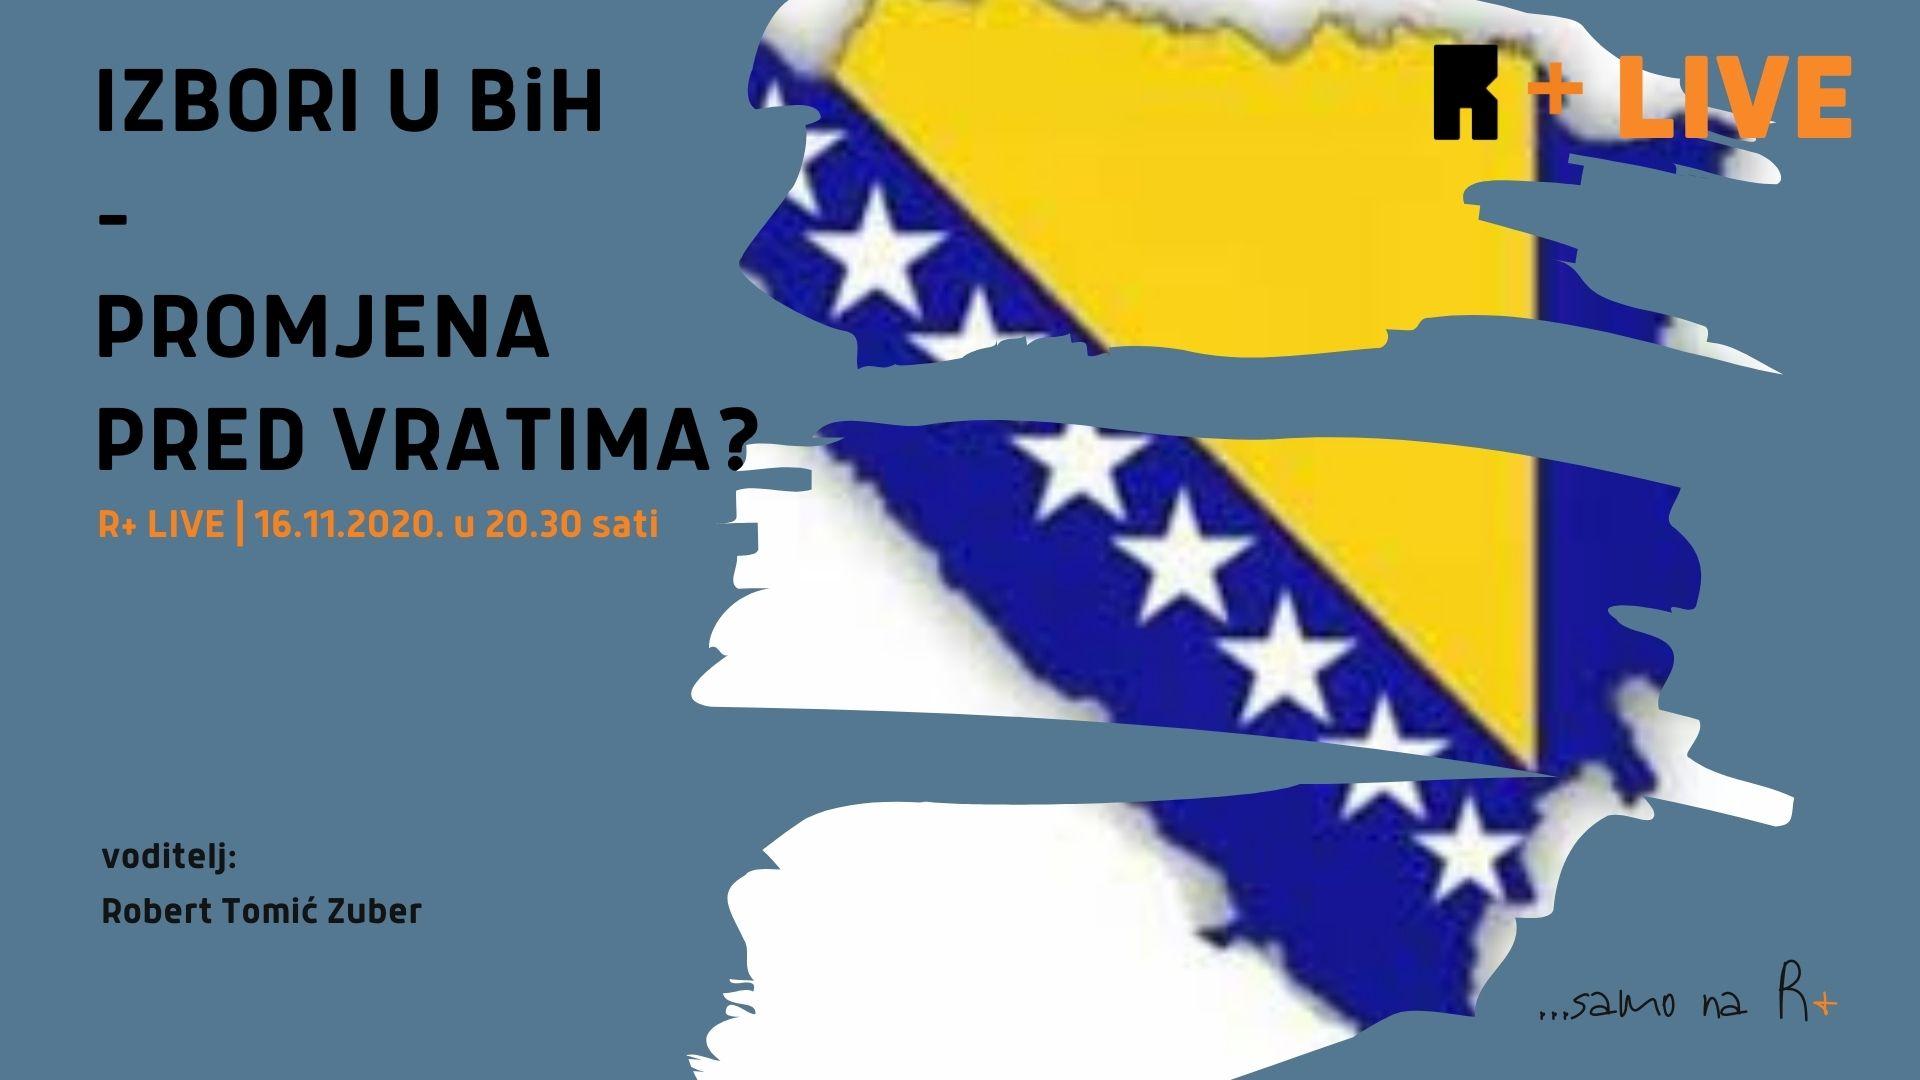 R+: Izbori u BiH - Promjene pred vratima?